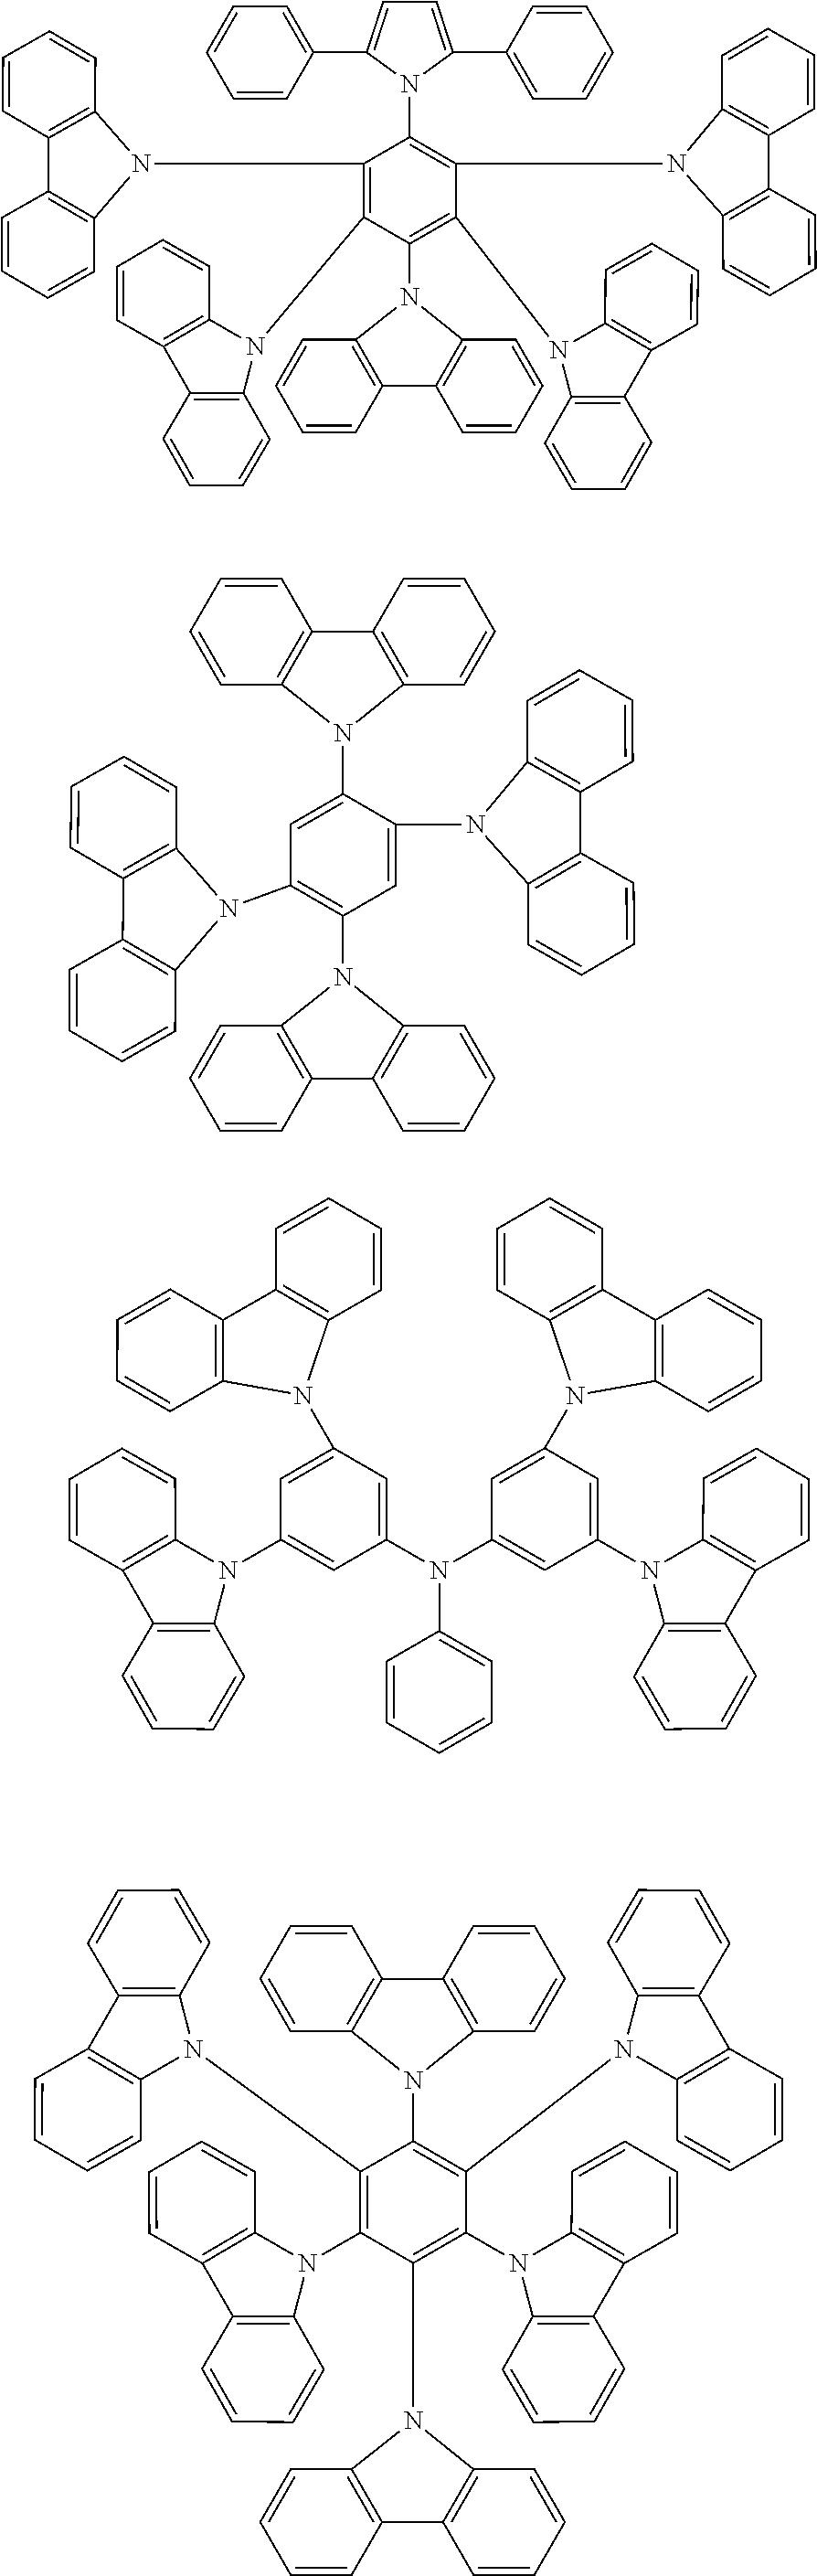 Figure US20110215312A1-20110908-C00057